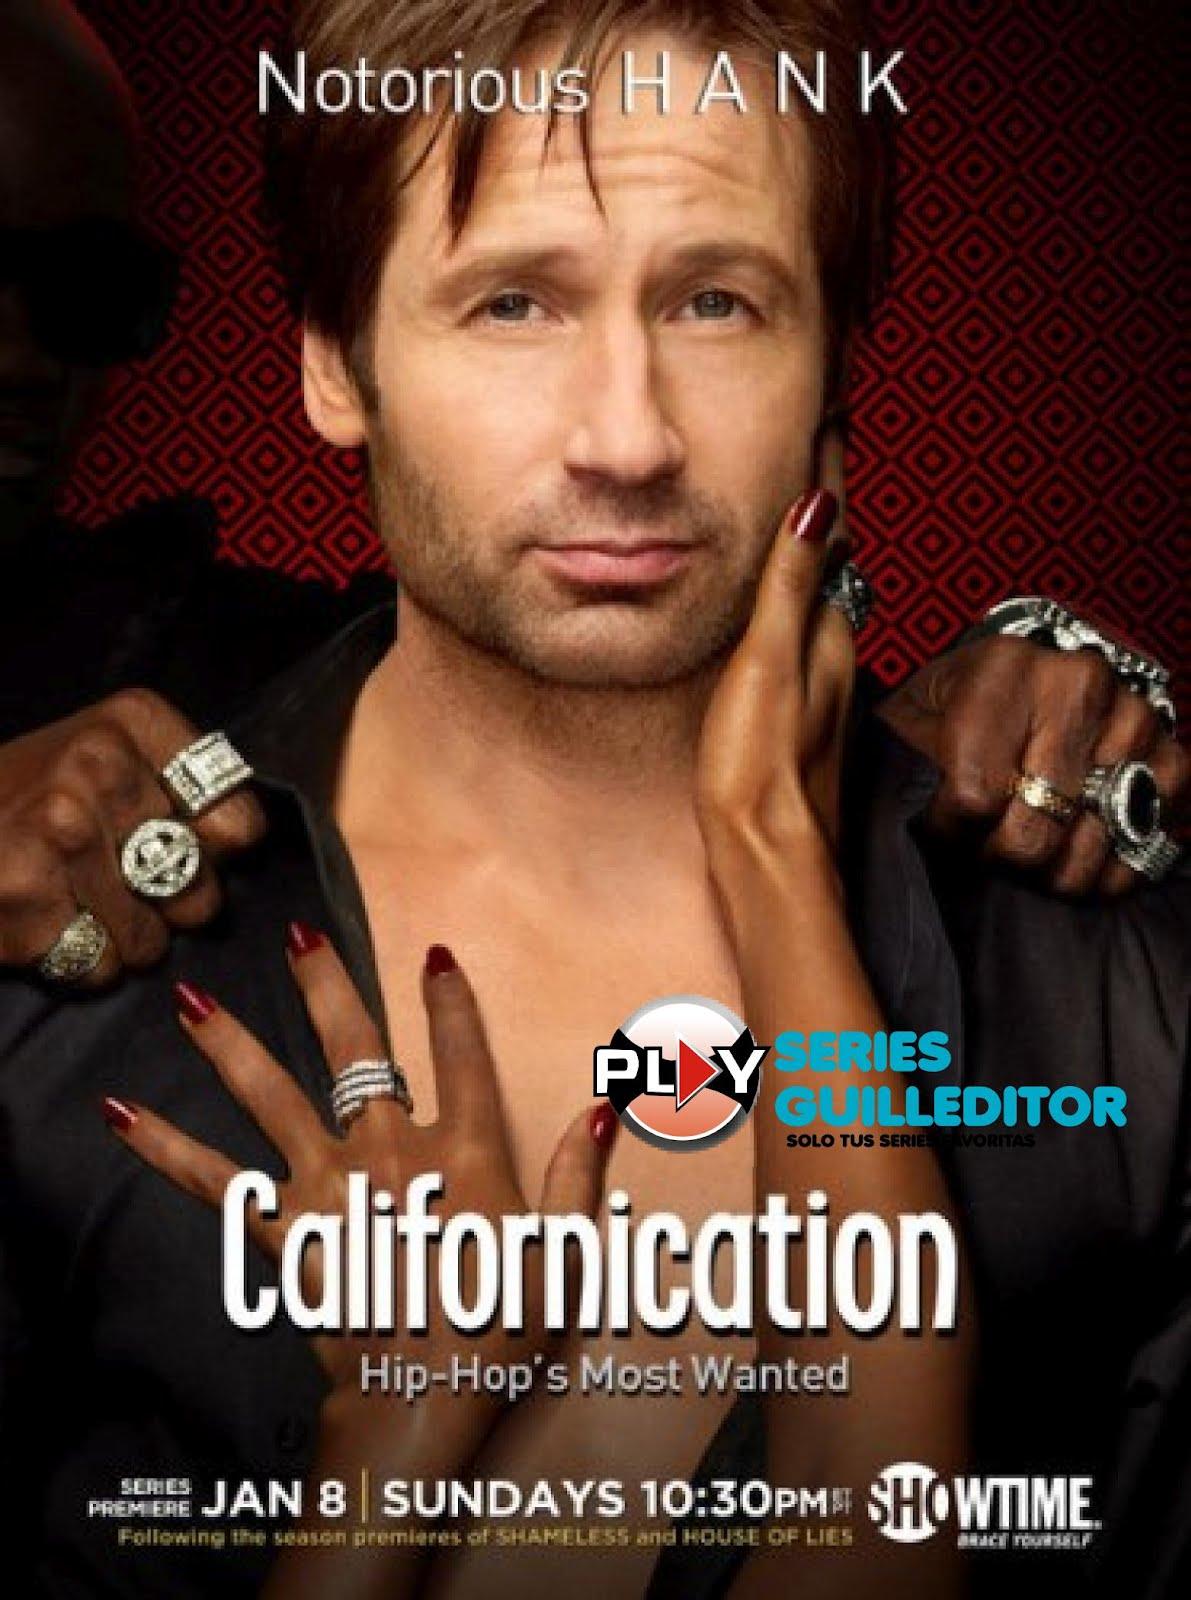 http://3.bp.blogspot.com/-nelv5cQY00M/TyaXNDGmpsI/AAAAAAAAA-A/nBEW922U894/s1600/Californication-Season-5-poster1.jpg